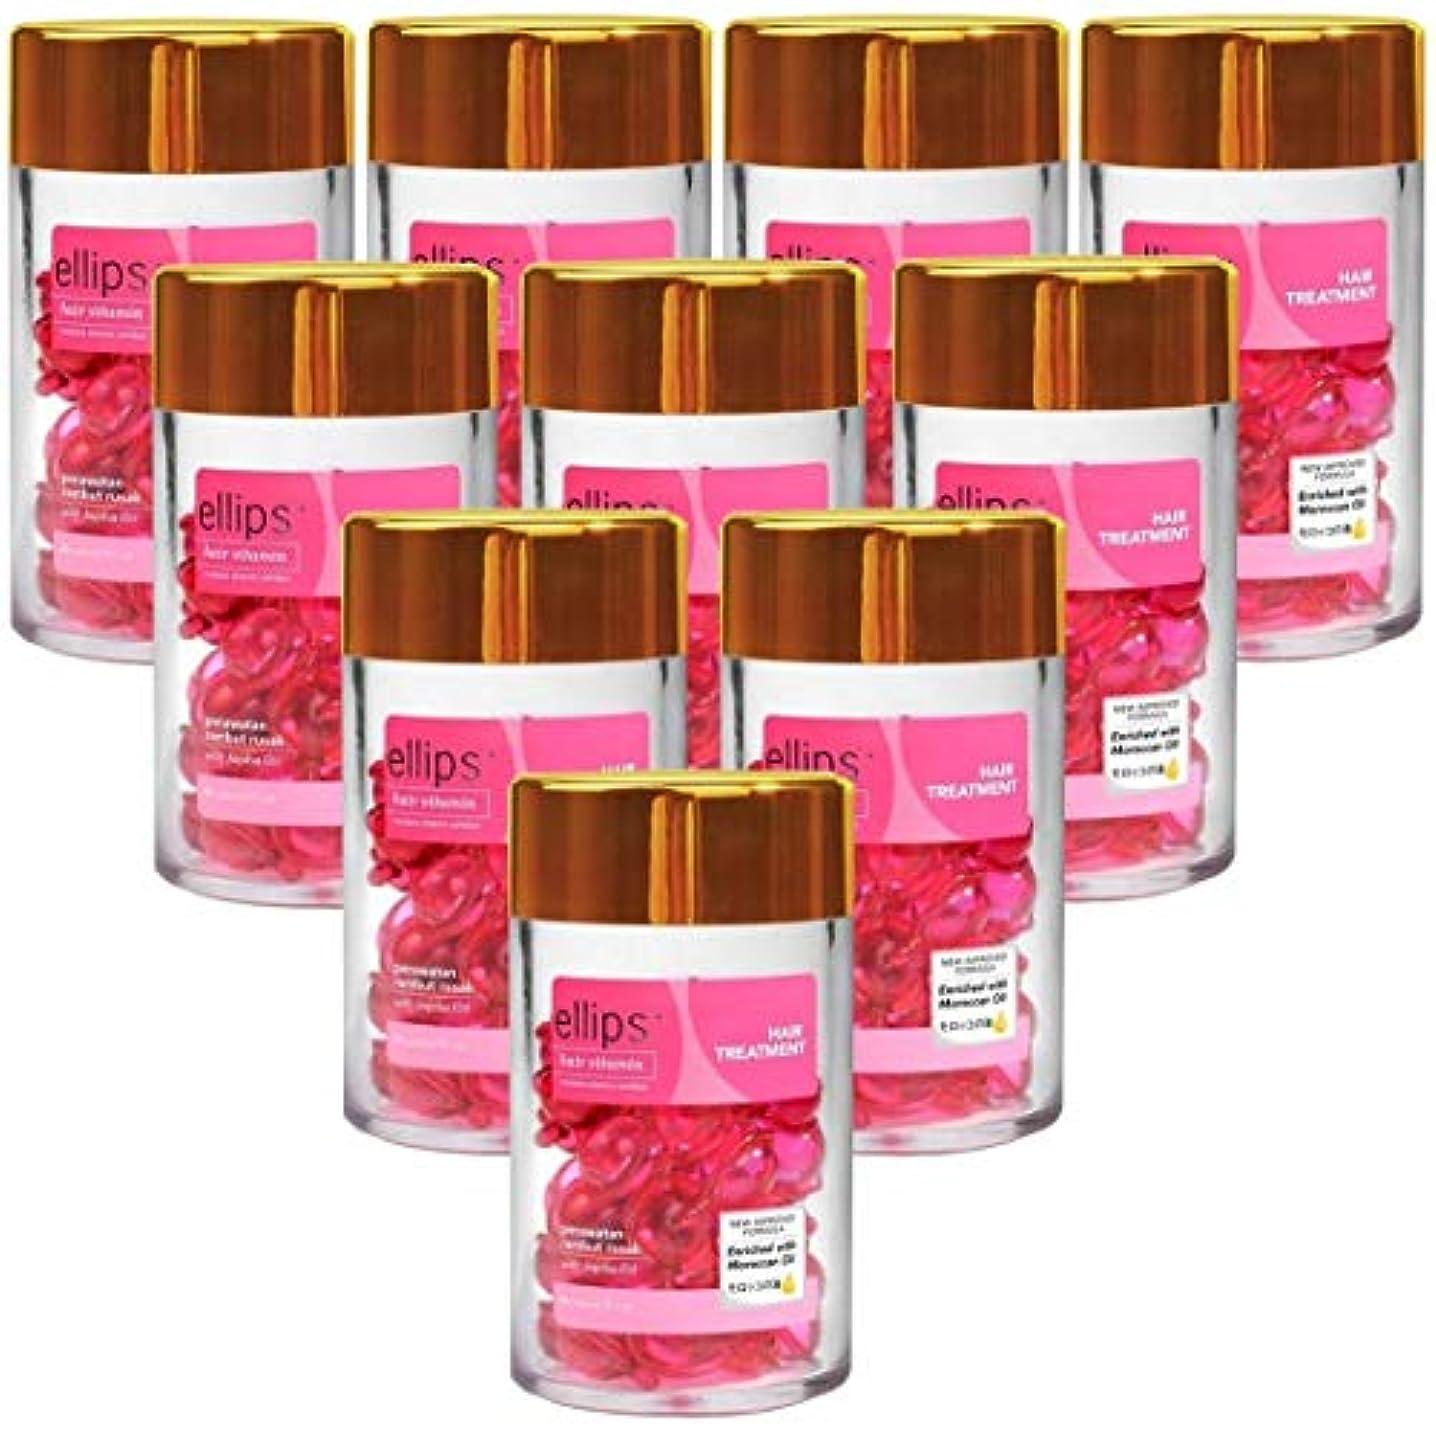 強調する援助めったにエリップス ellips ヘアビタミン ヘアトリートメント 50粒 ボトル ピンク お得な10本セット [並行輸入品]